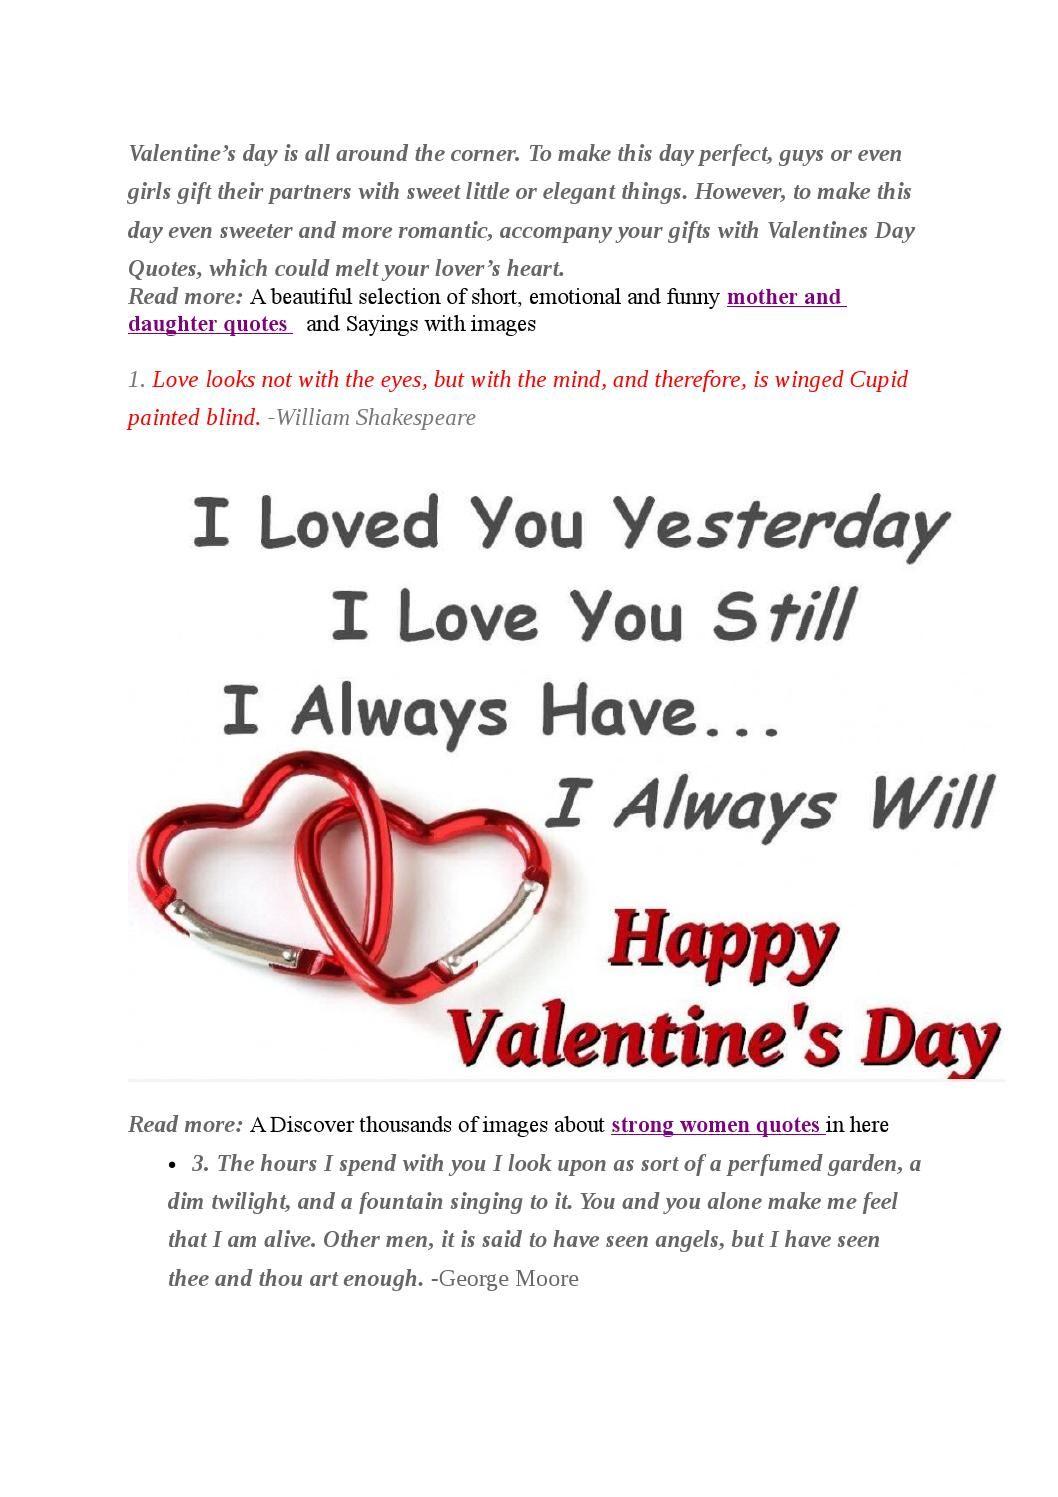 15 sweet valentines day quotes (Có hình ảnh)